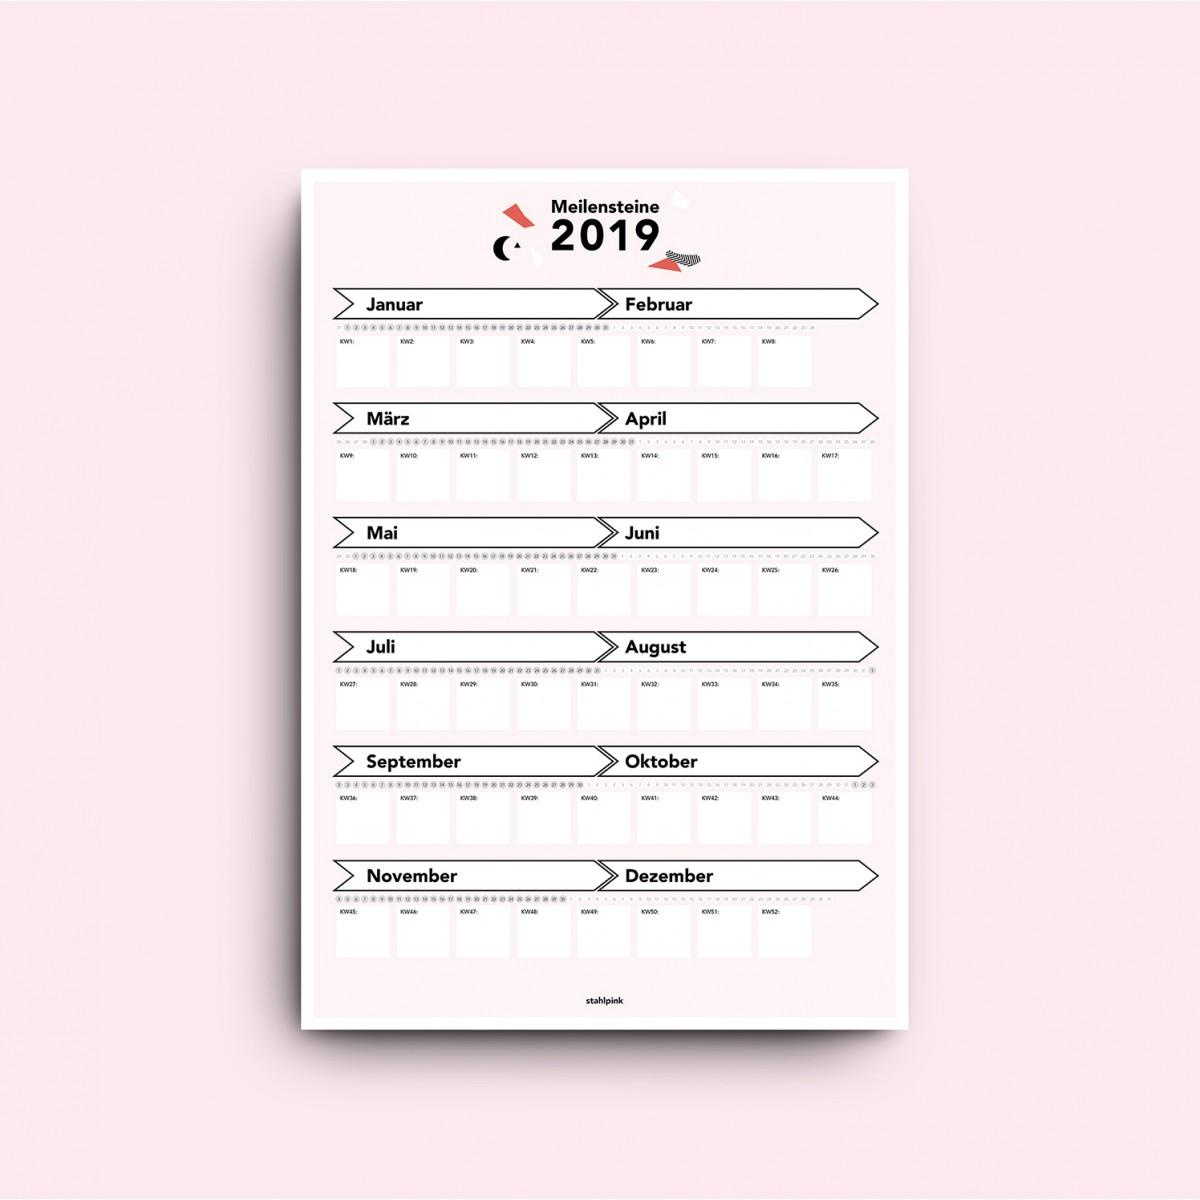 stahlpink – Meilensteine-Kalender 2019 Hochformat